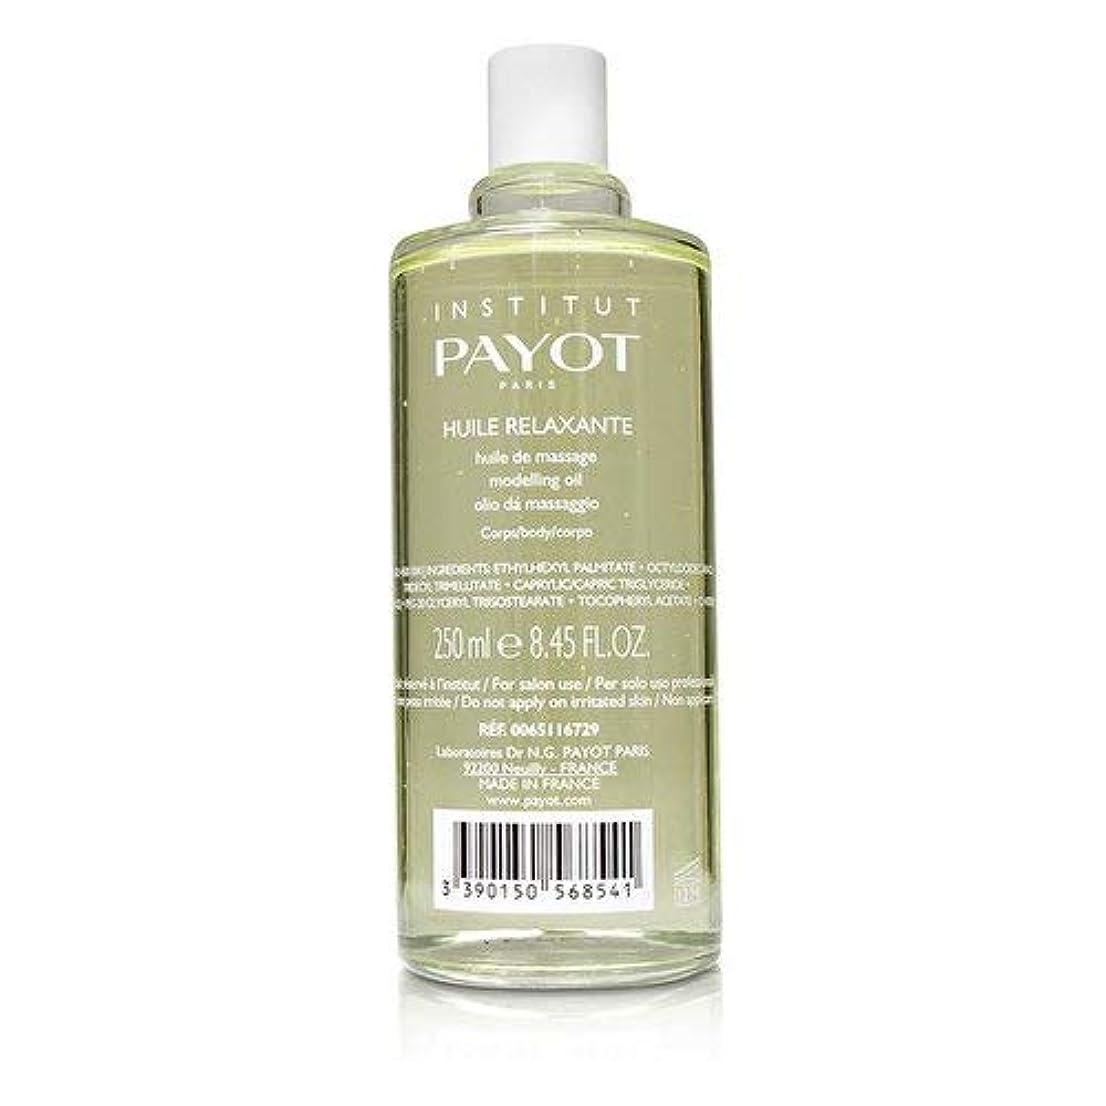 シェル独裁者責パイヨ Huile Relaxante - Body Massage Oil (Jasmine & White Tea) (Salon Product) 250ml/8.45oz並行輸入品